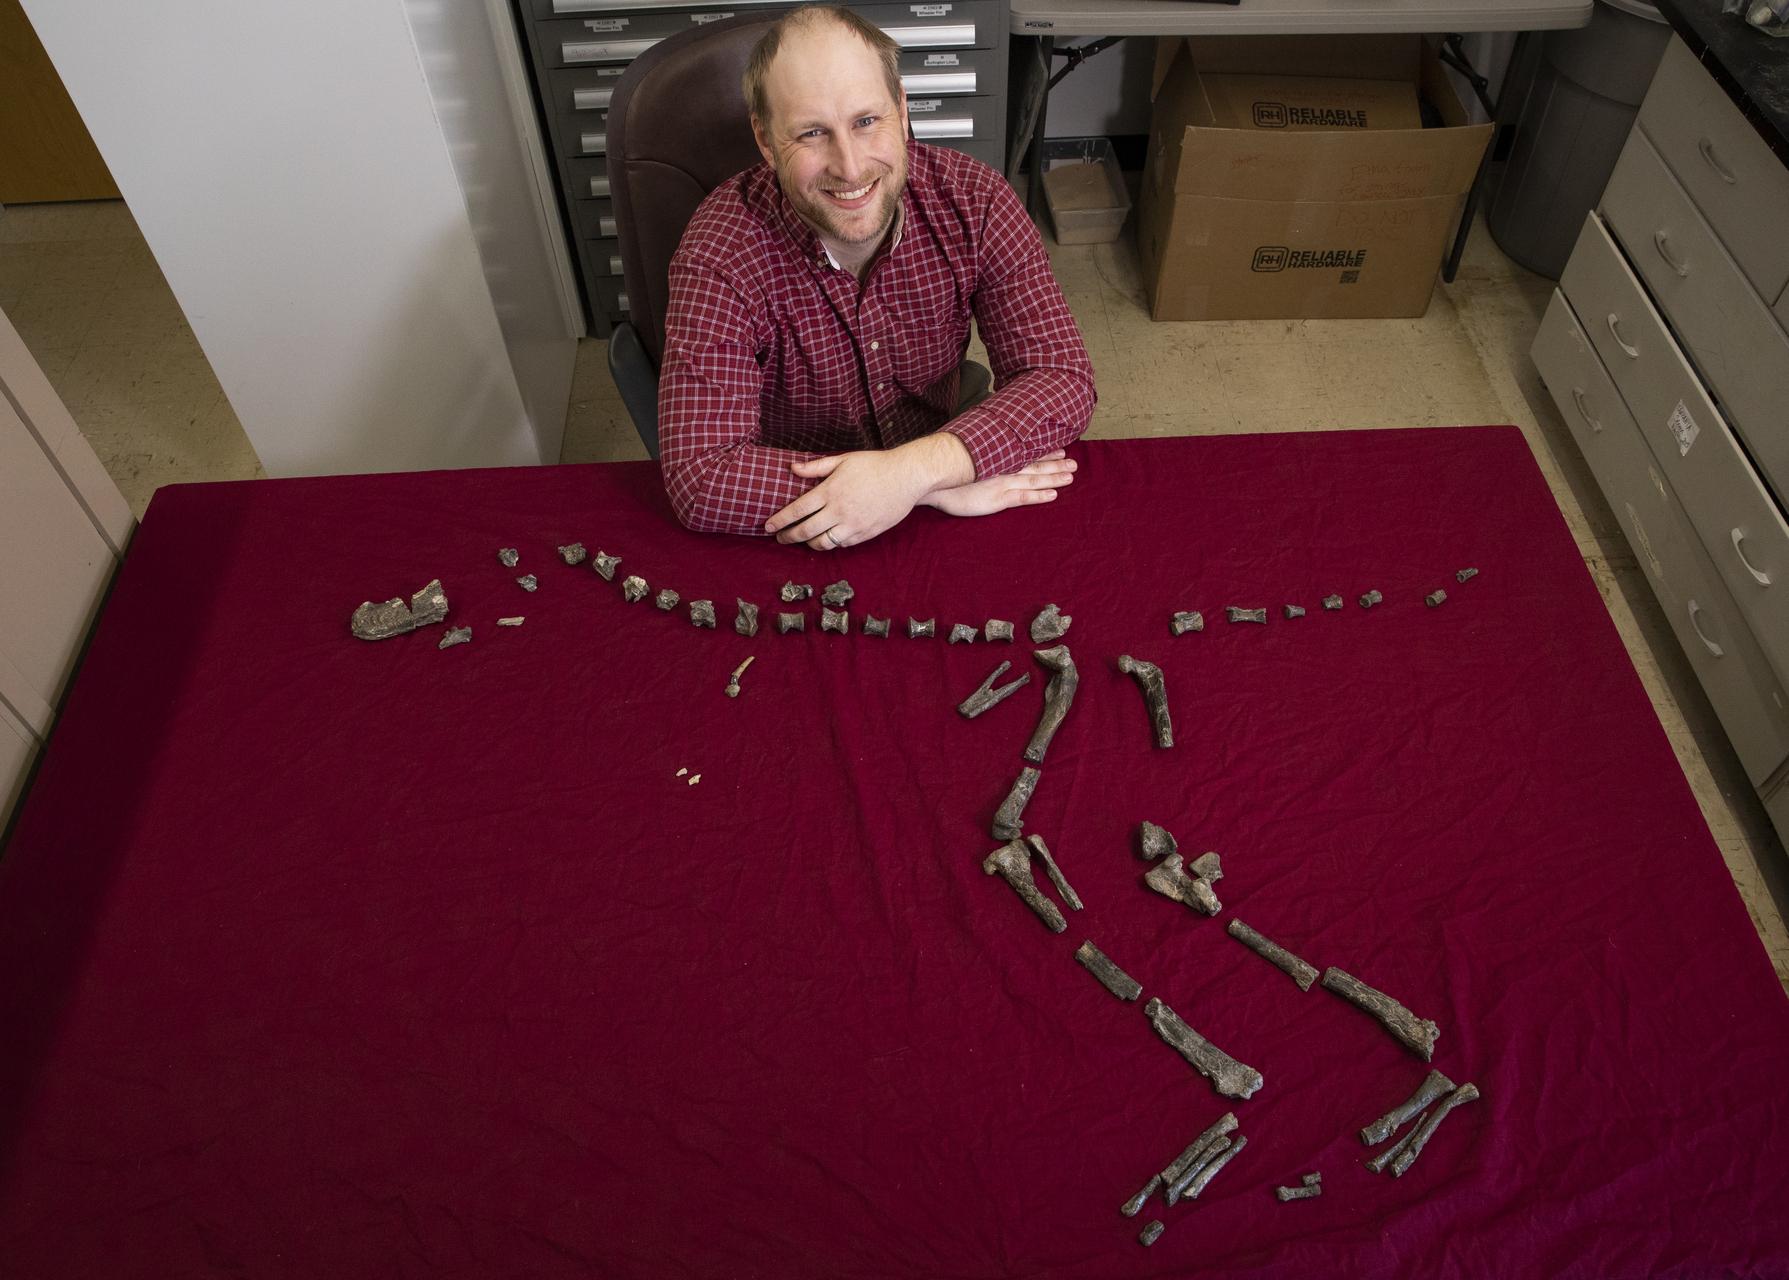 Окаменелость, найденную школьником, идентифицировали как тираннозавроида.Вокруг Света. Украина